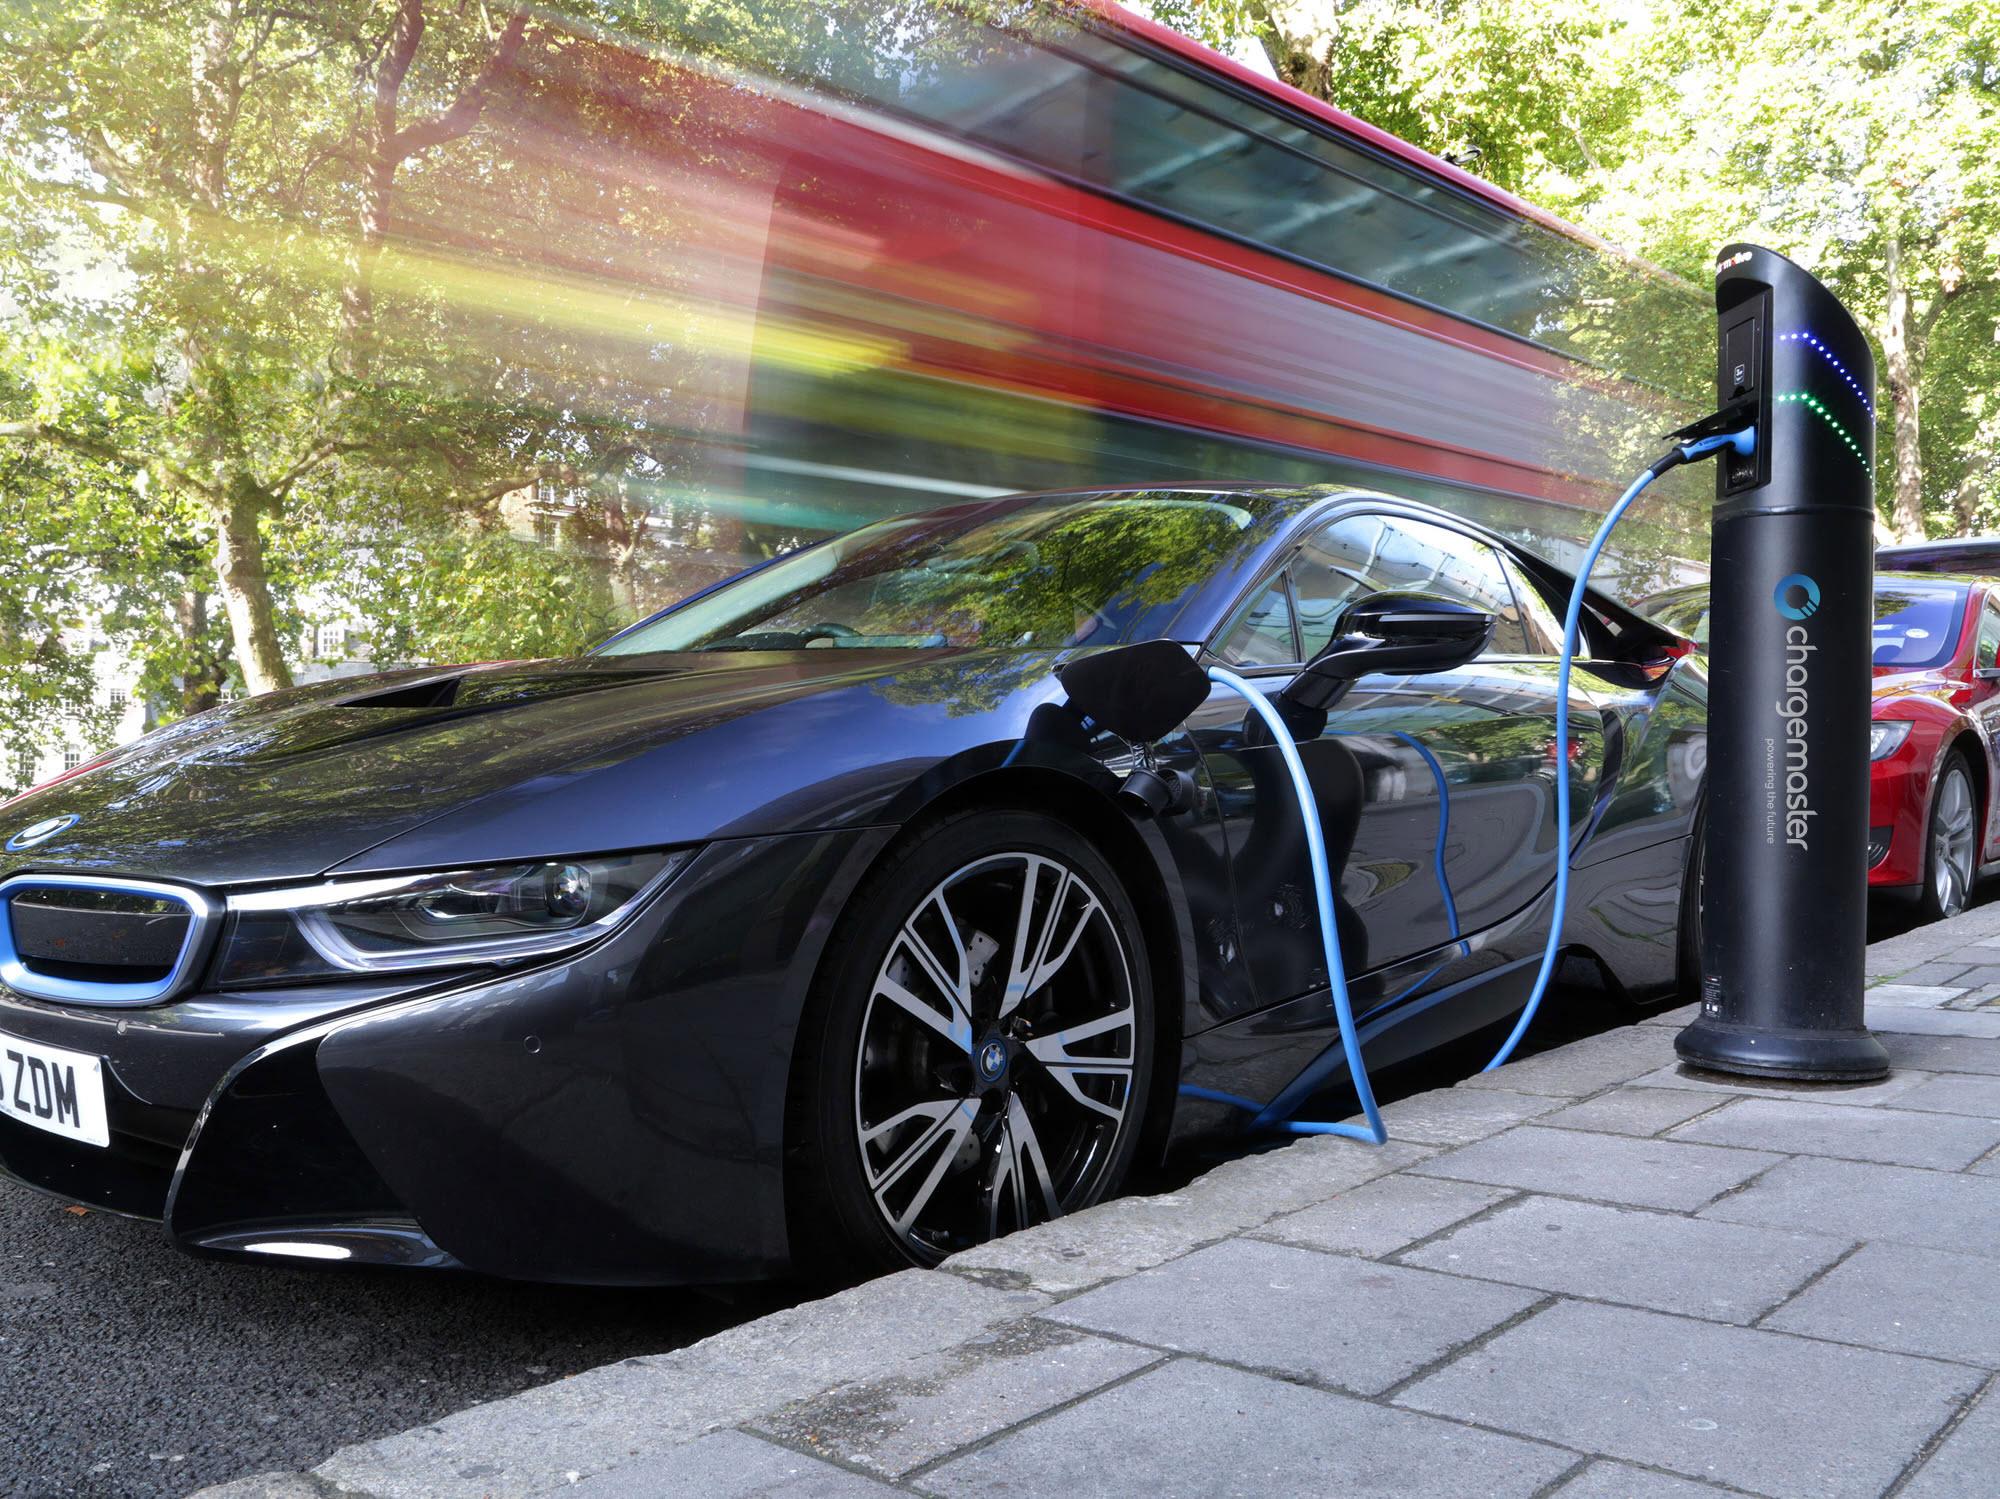 Η BP εξαγοράζει τη μεγαλύτερη εταιρεία φόρτισης ηλεκτρικών οχημάτων στο Hνωμένο Βασίλειο